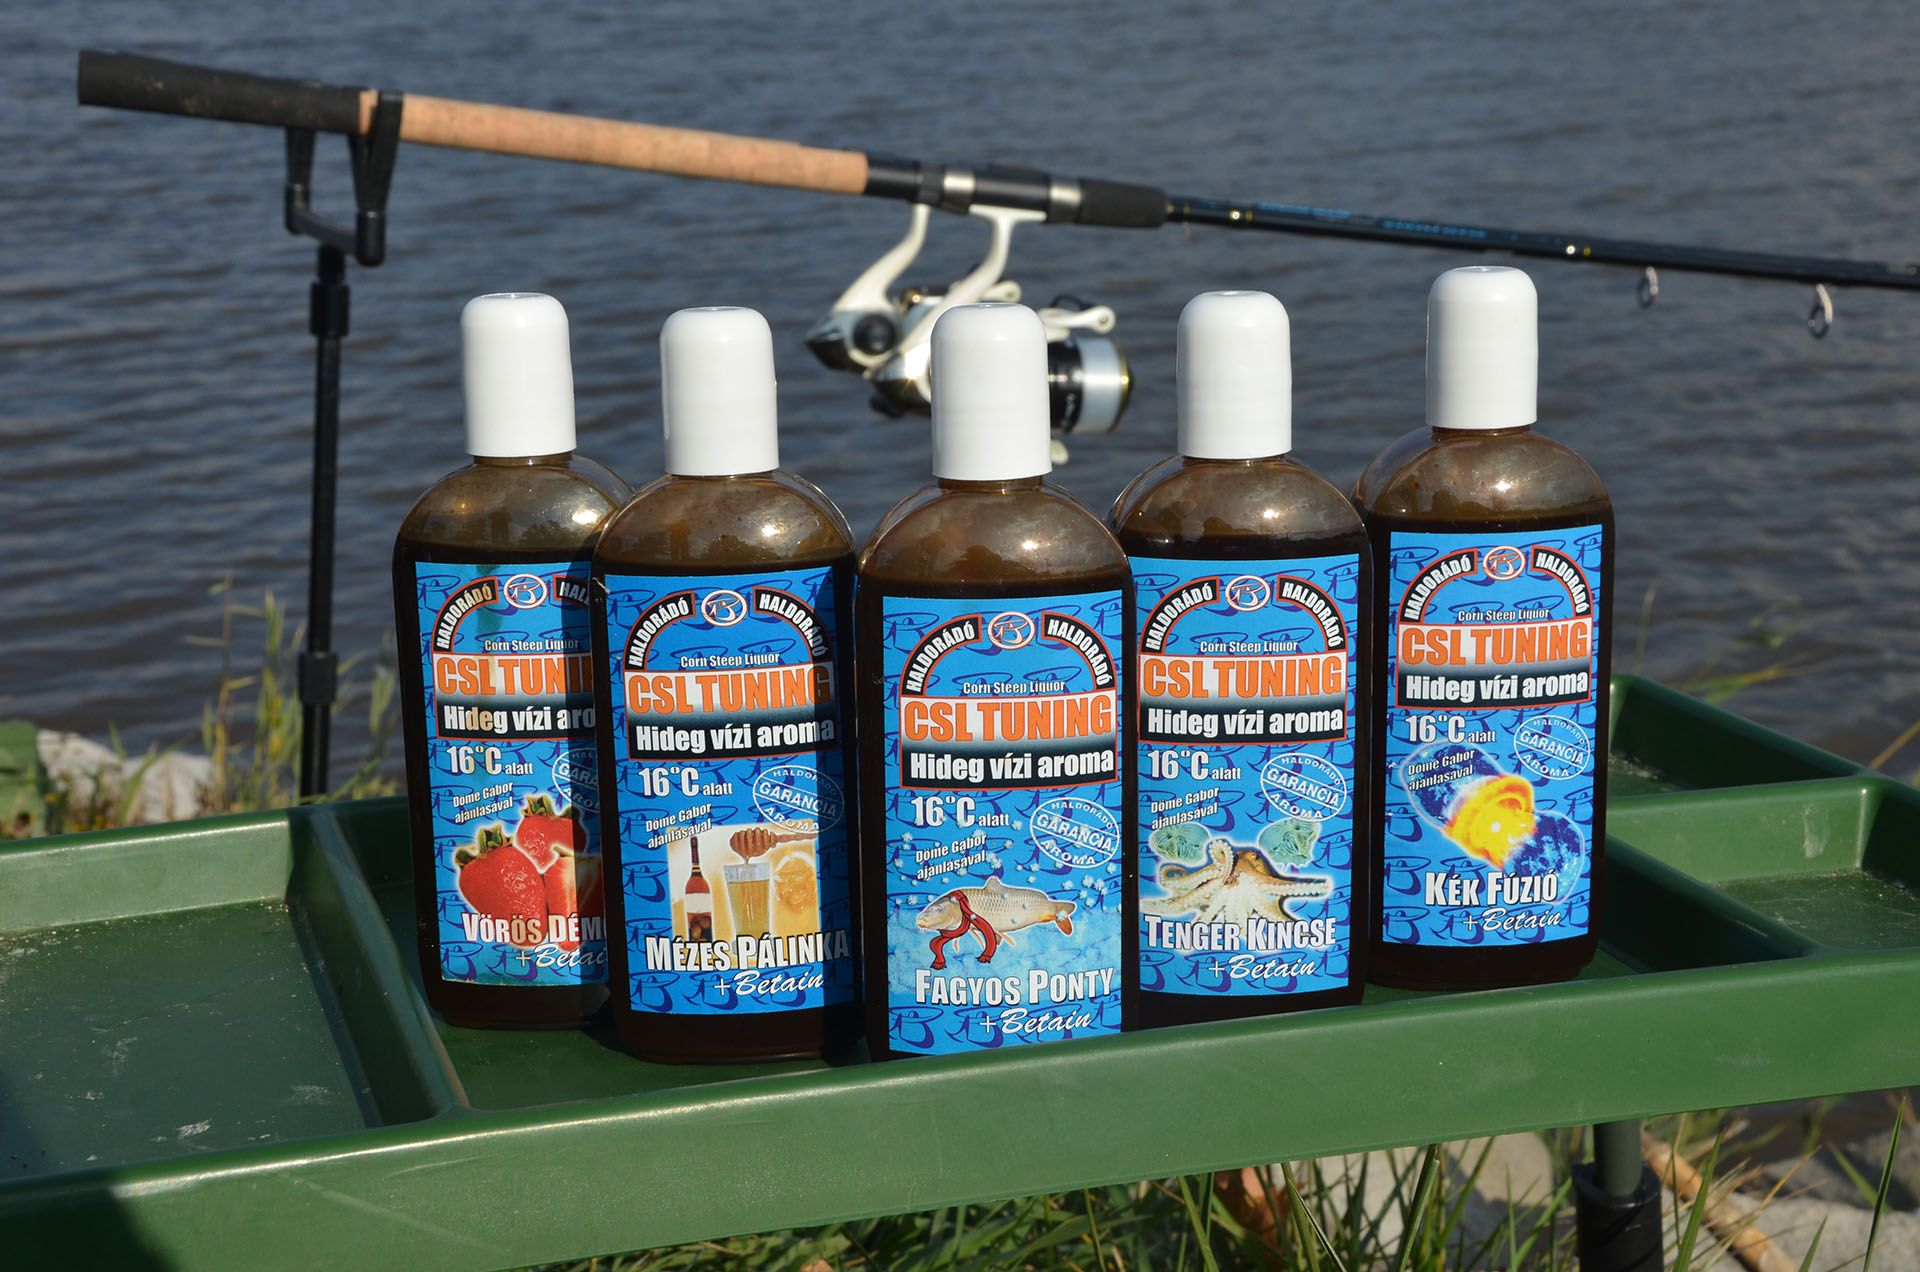 A CSL Tuning hideg vízi aroma megsokszorozza az etetőanyagok és csalik csalogatóhatását még az erősen lehűlt vizekben is